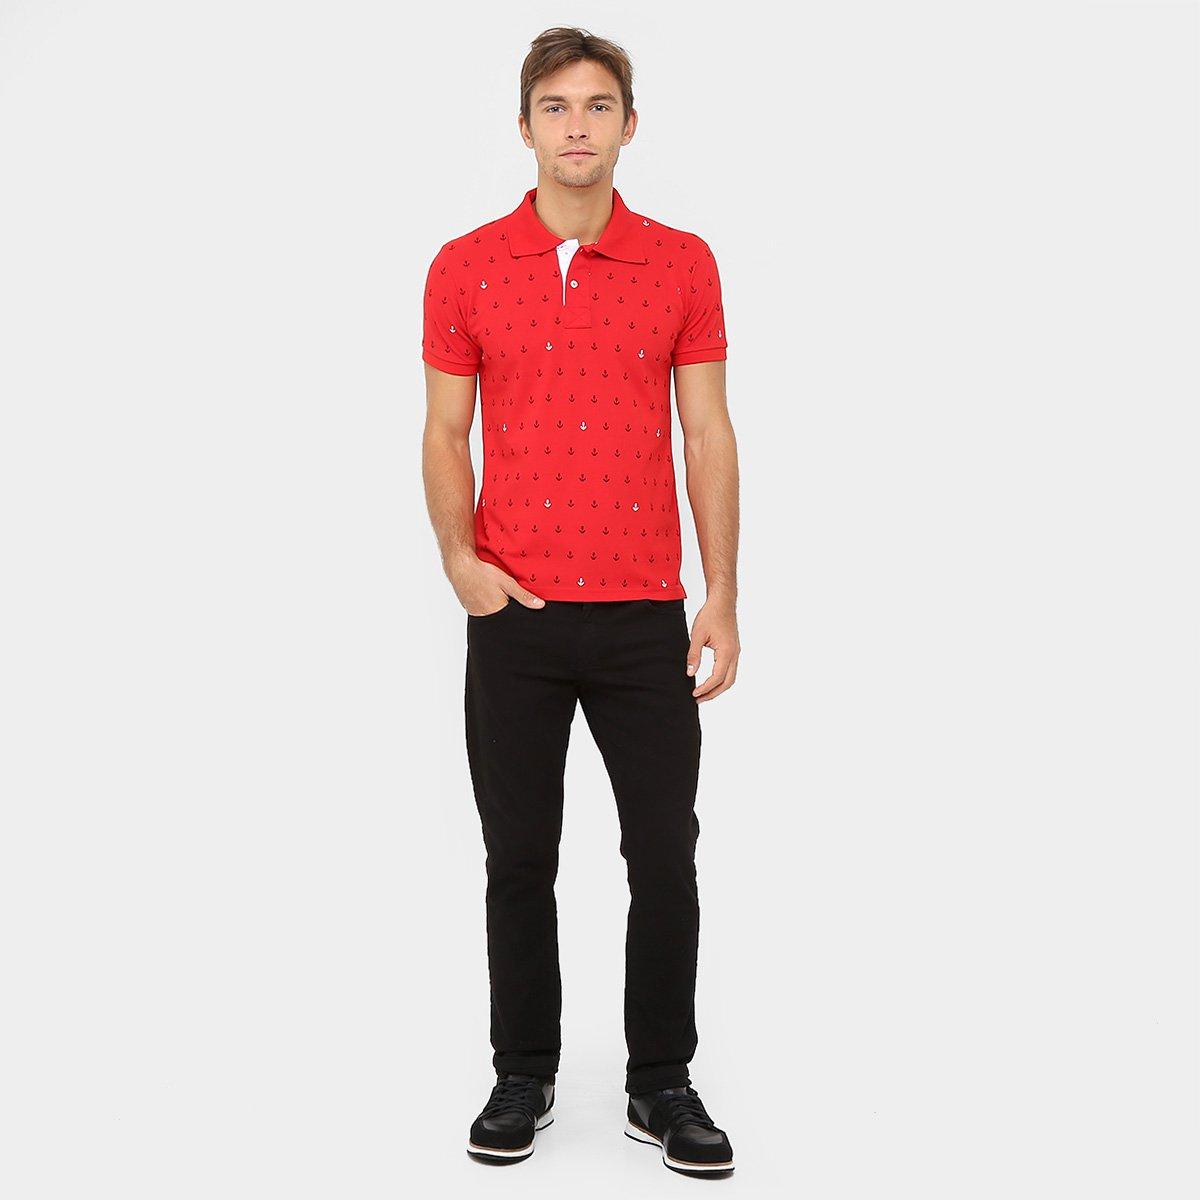 Camisa Polo Local Piquet Âncora - Compre Agora  73a985f47645a